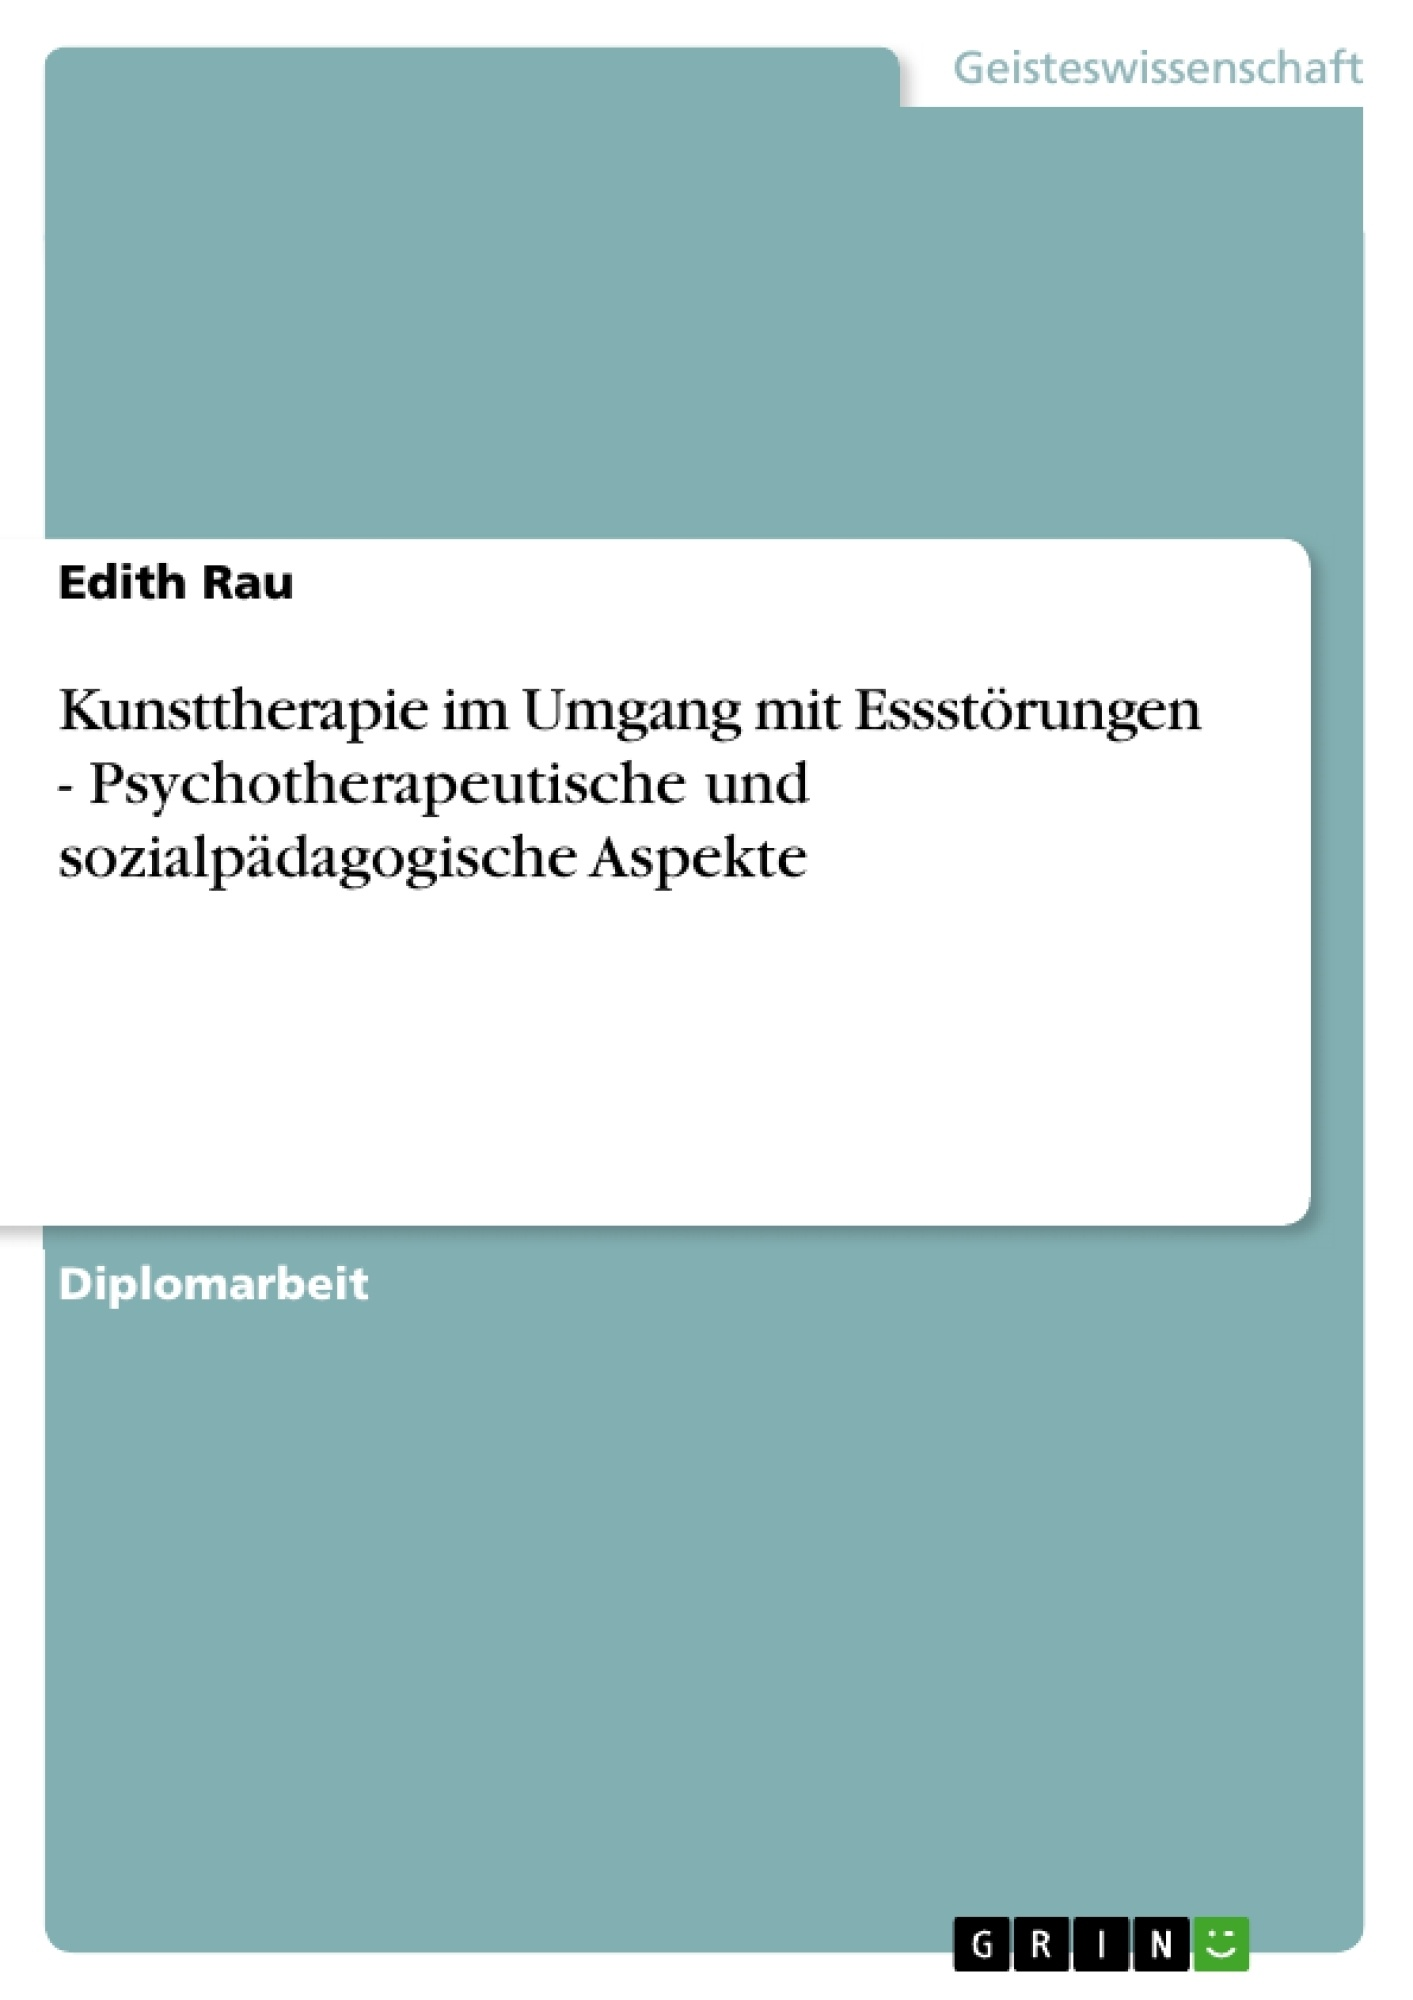 Titel: Kunsttherapie im Umgang mit Essstörungen - Psychotherapeutische und sozialpädagogische Aspekte